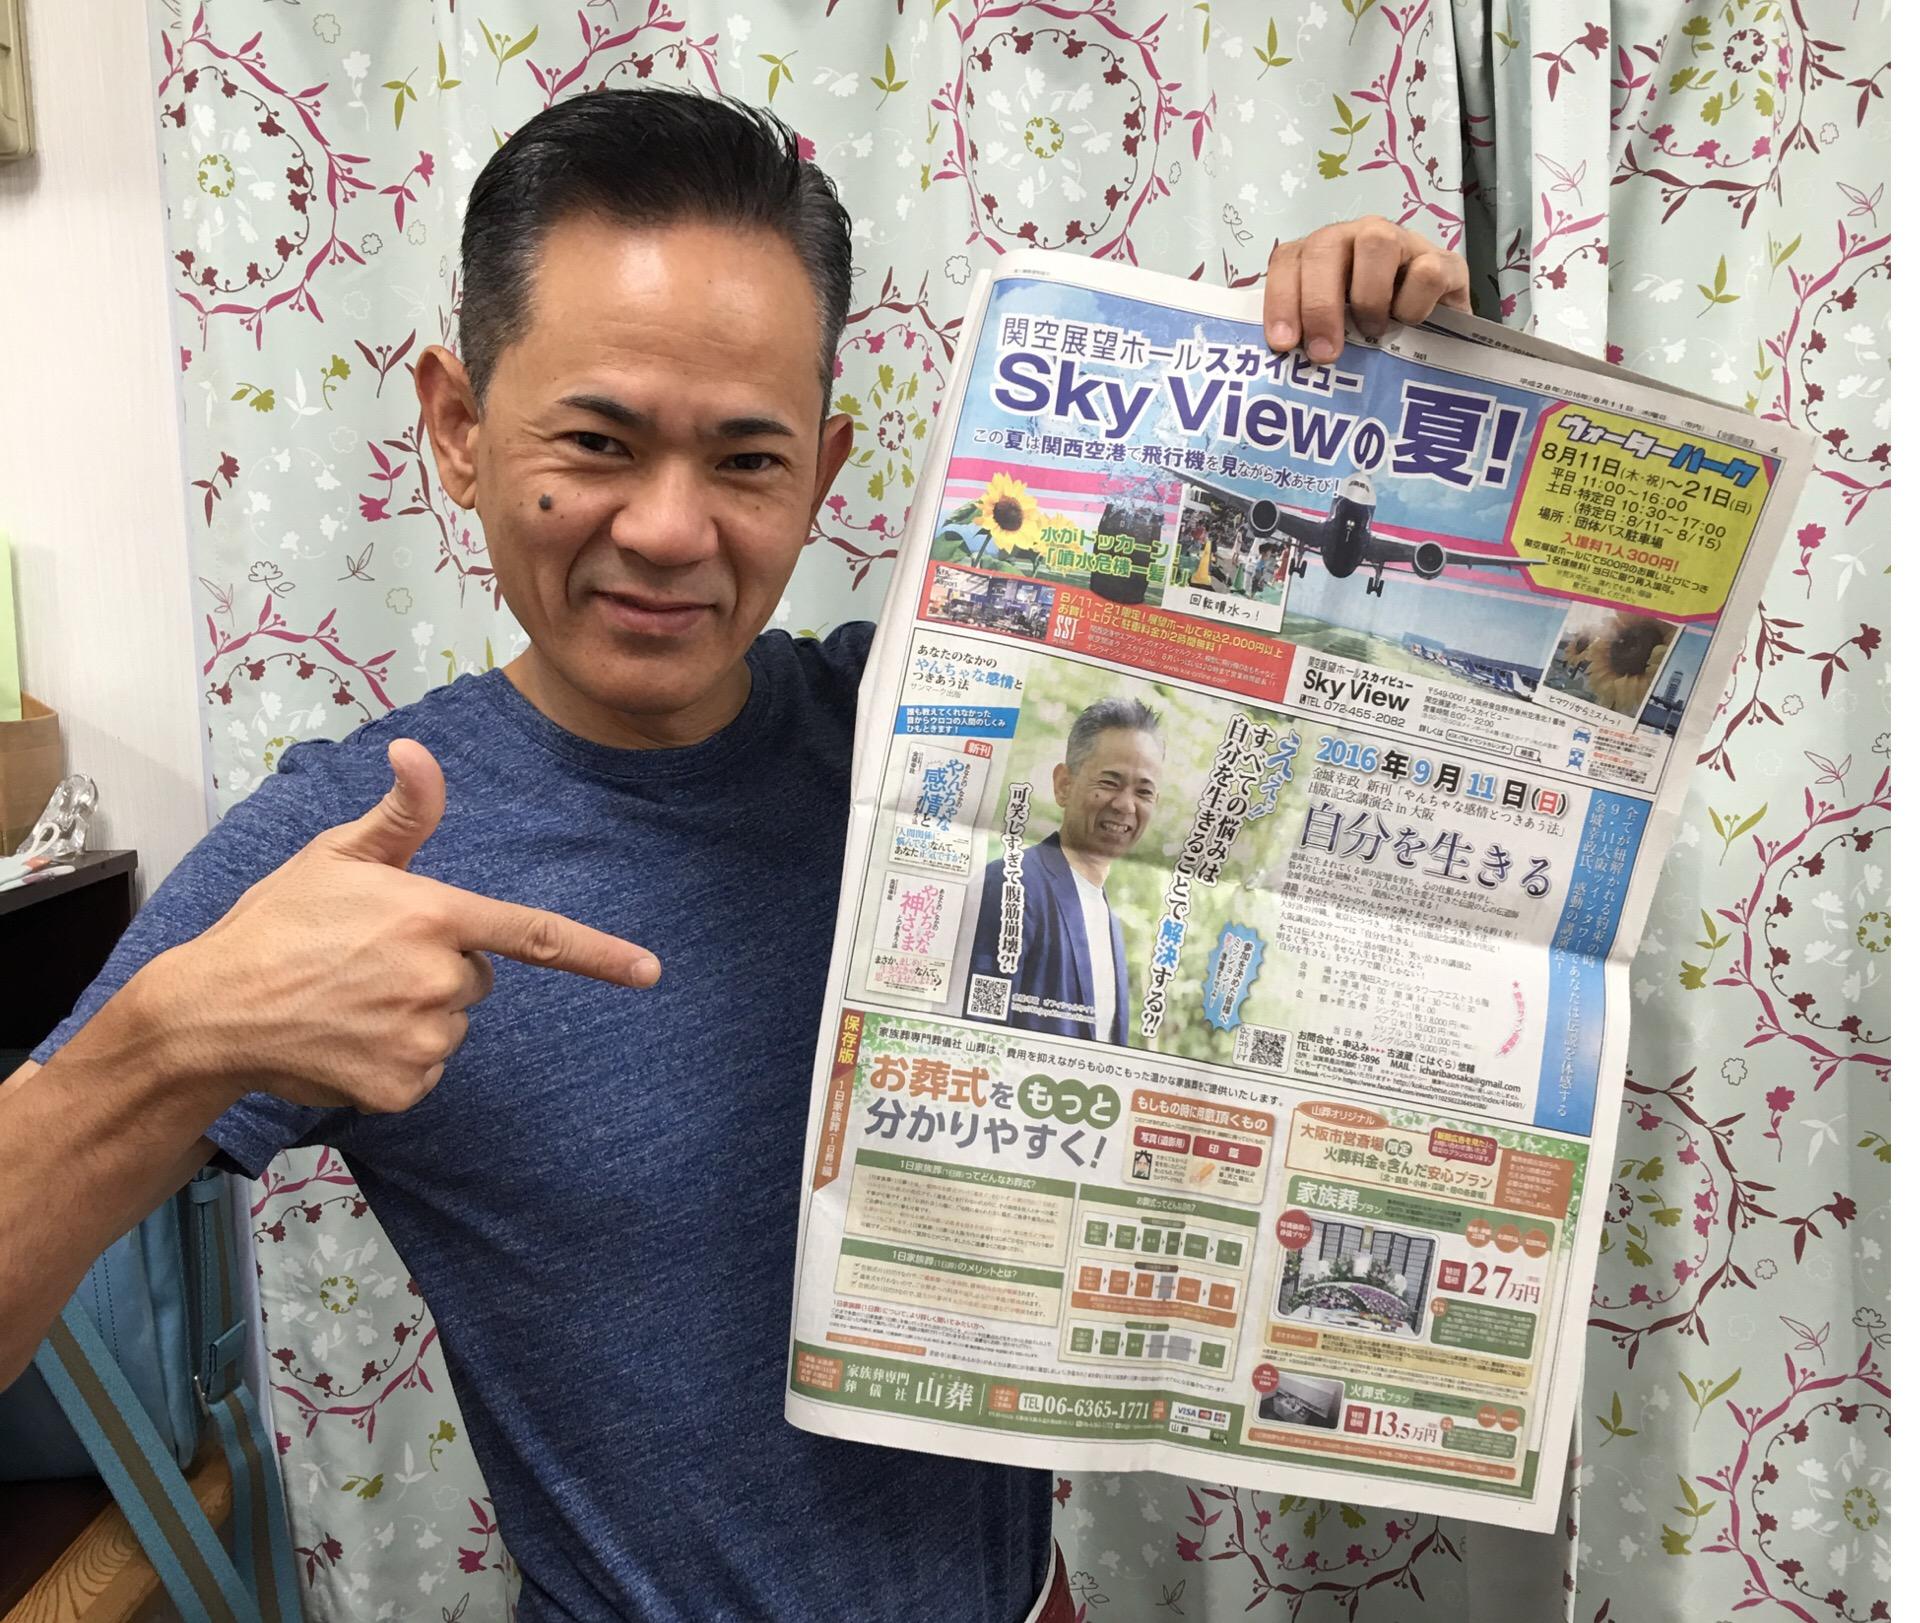 じゃじゃ〜ん❗️ 9月11日に開催される 大阪講演会? 主催者の古波蔵さんの熱〜い?想い?で産経新聞に広告が載りました❗️❗️ 古波蔵さんから送られてきた現物に、先生も おぉ〜?と感激✨ 並んでみると、さらに 大迫力❗️❗️✨ 沢山の人が思わず釘付けになるでしょうね〜